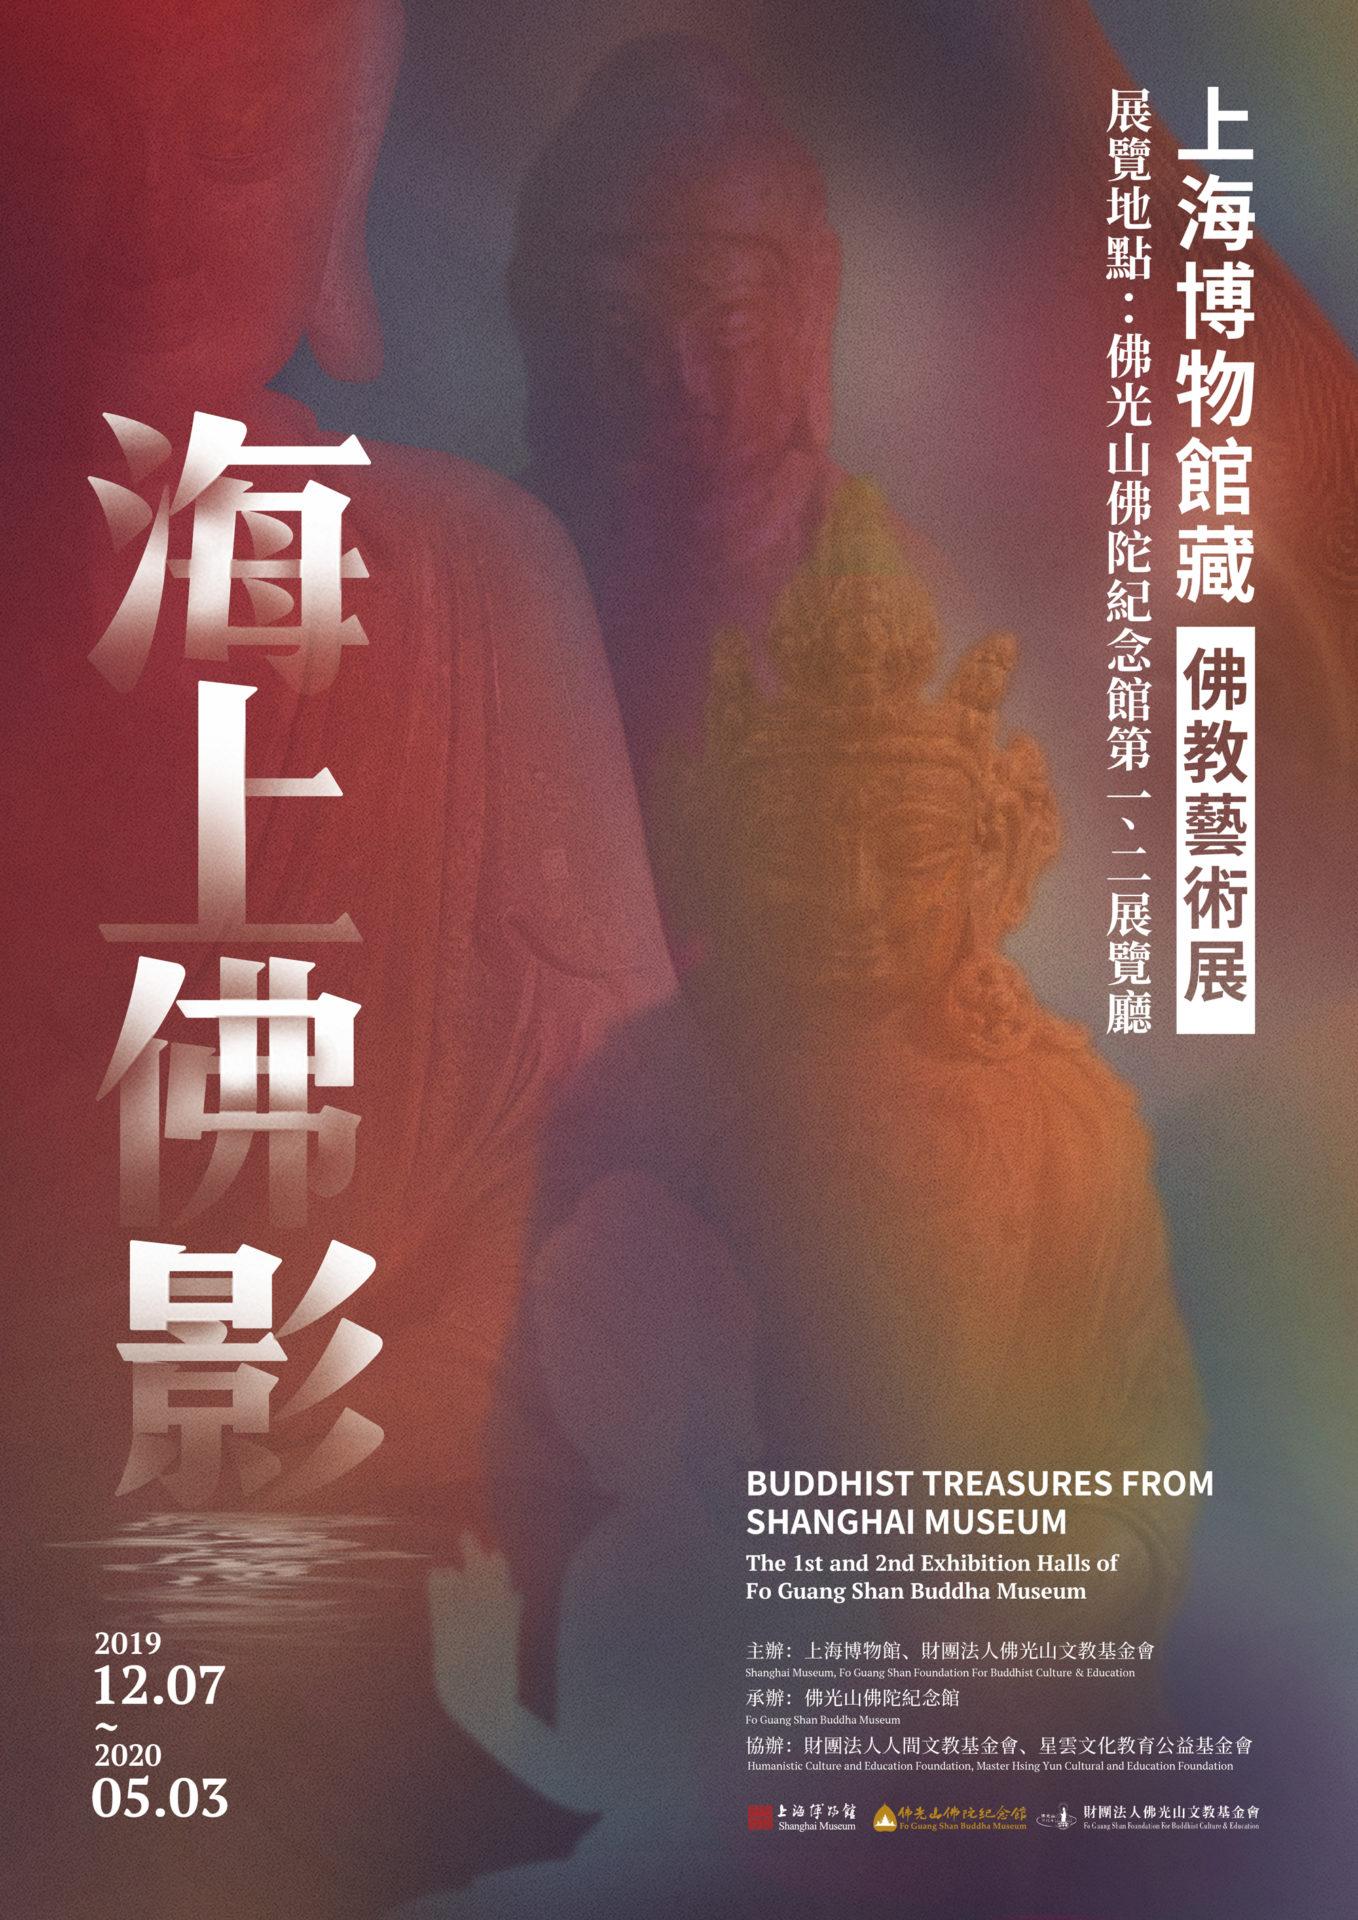 佛光山佛陀紀念館:2019/12/07-2020/05/03【海上佛影-上海博物館藏佛教藝術展】